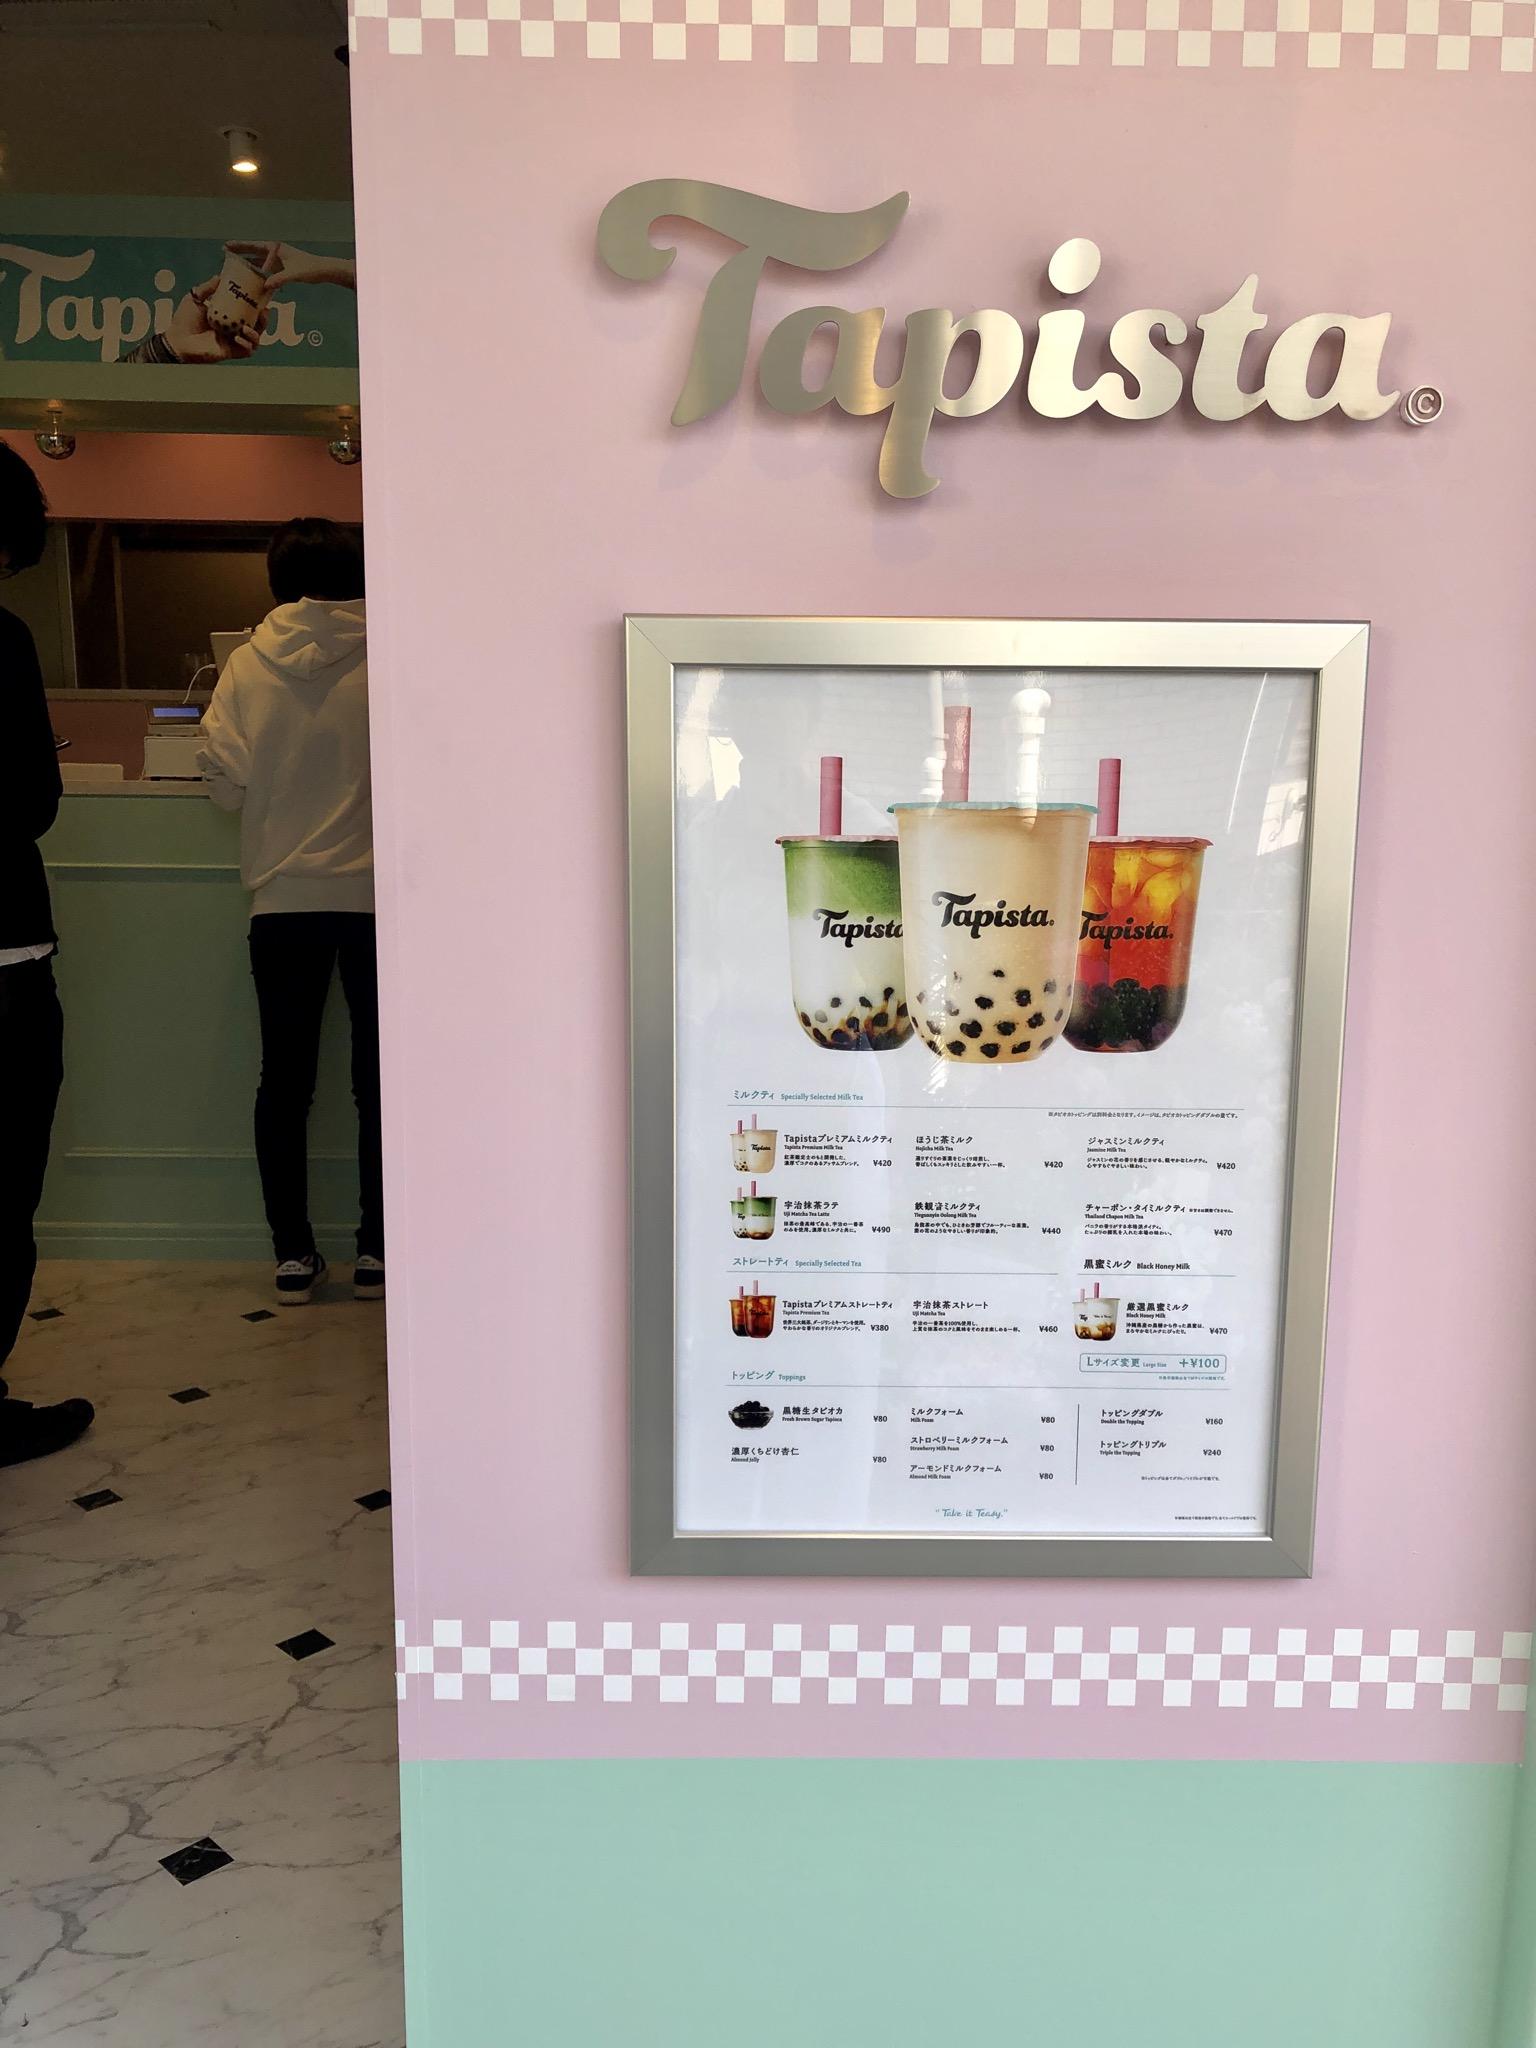 【代官山】4/20 新オープン《Tapista》は待ち時間も楽しめるフォトジェニックすぎるタピオカ❤️_1